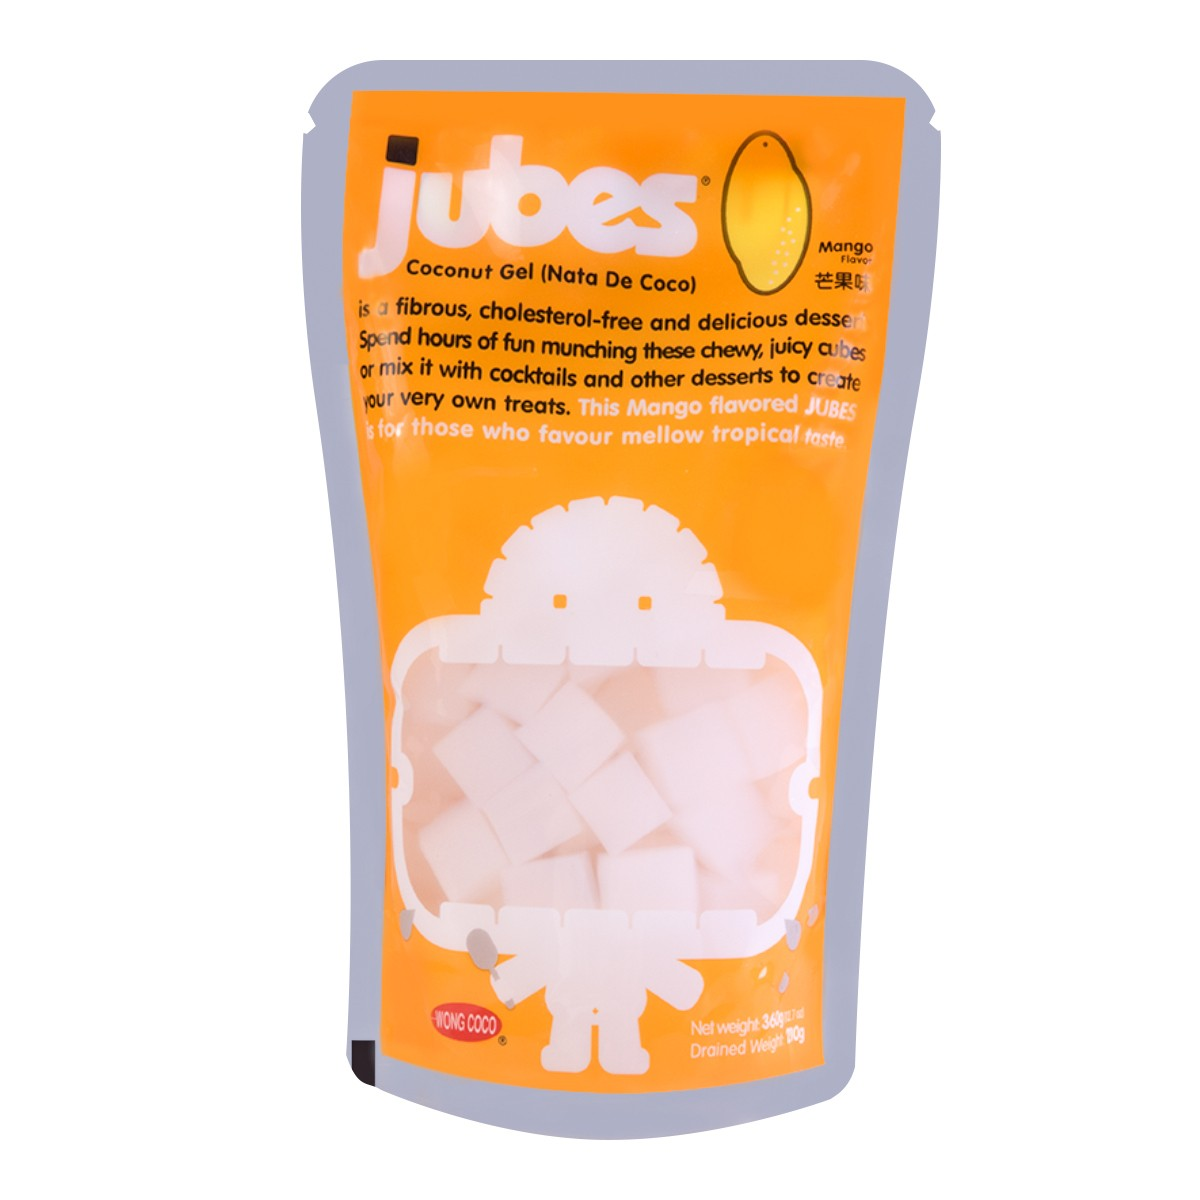 WONG COCO JUBES Nata De Coco with Coconut Water Mango Flavor 360g